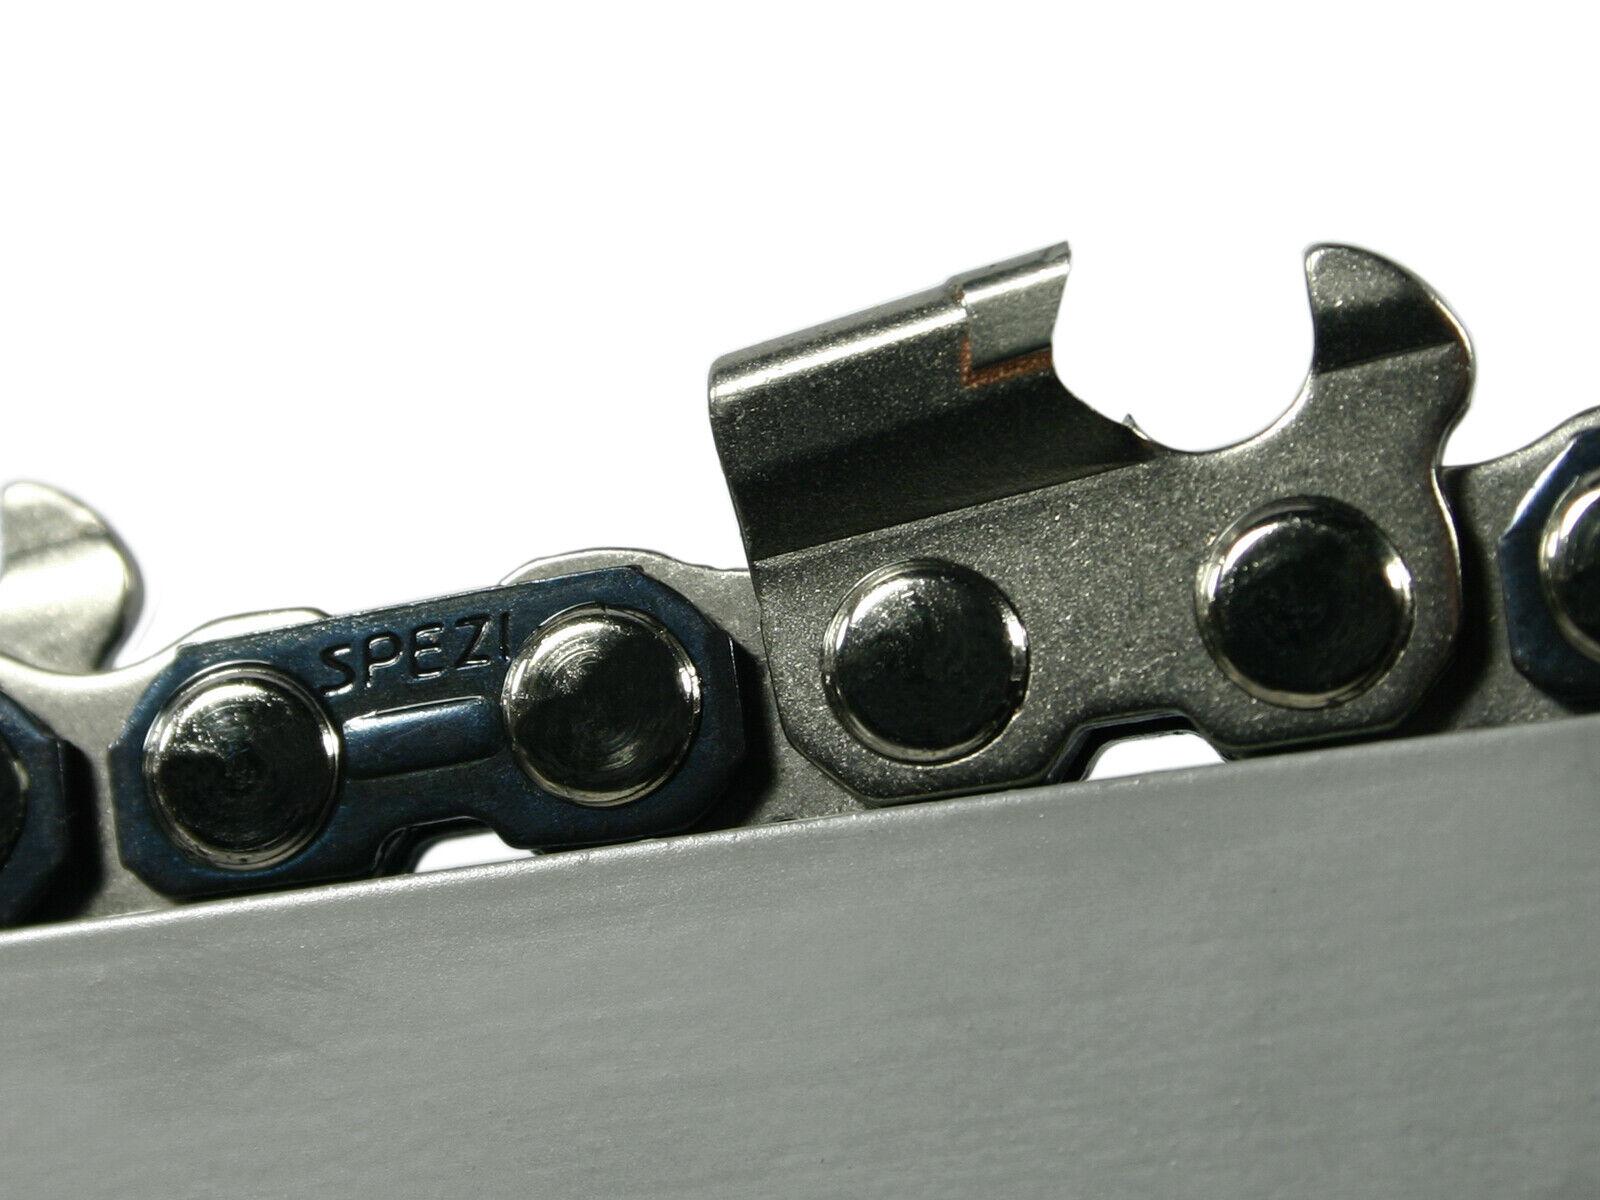 Hartmetall Sägekette passend für Husqvarna 353 50 cm 3 8  72 TG 1,5 mm carbide